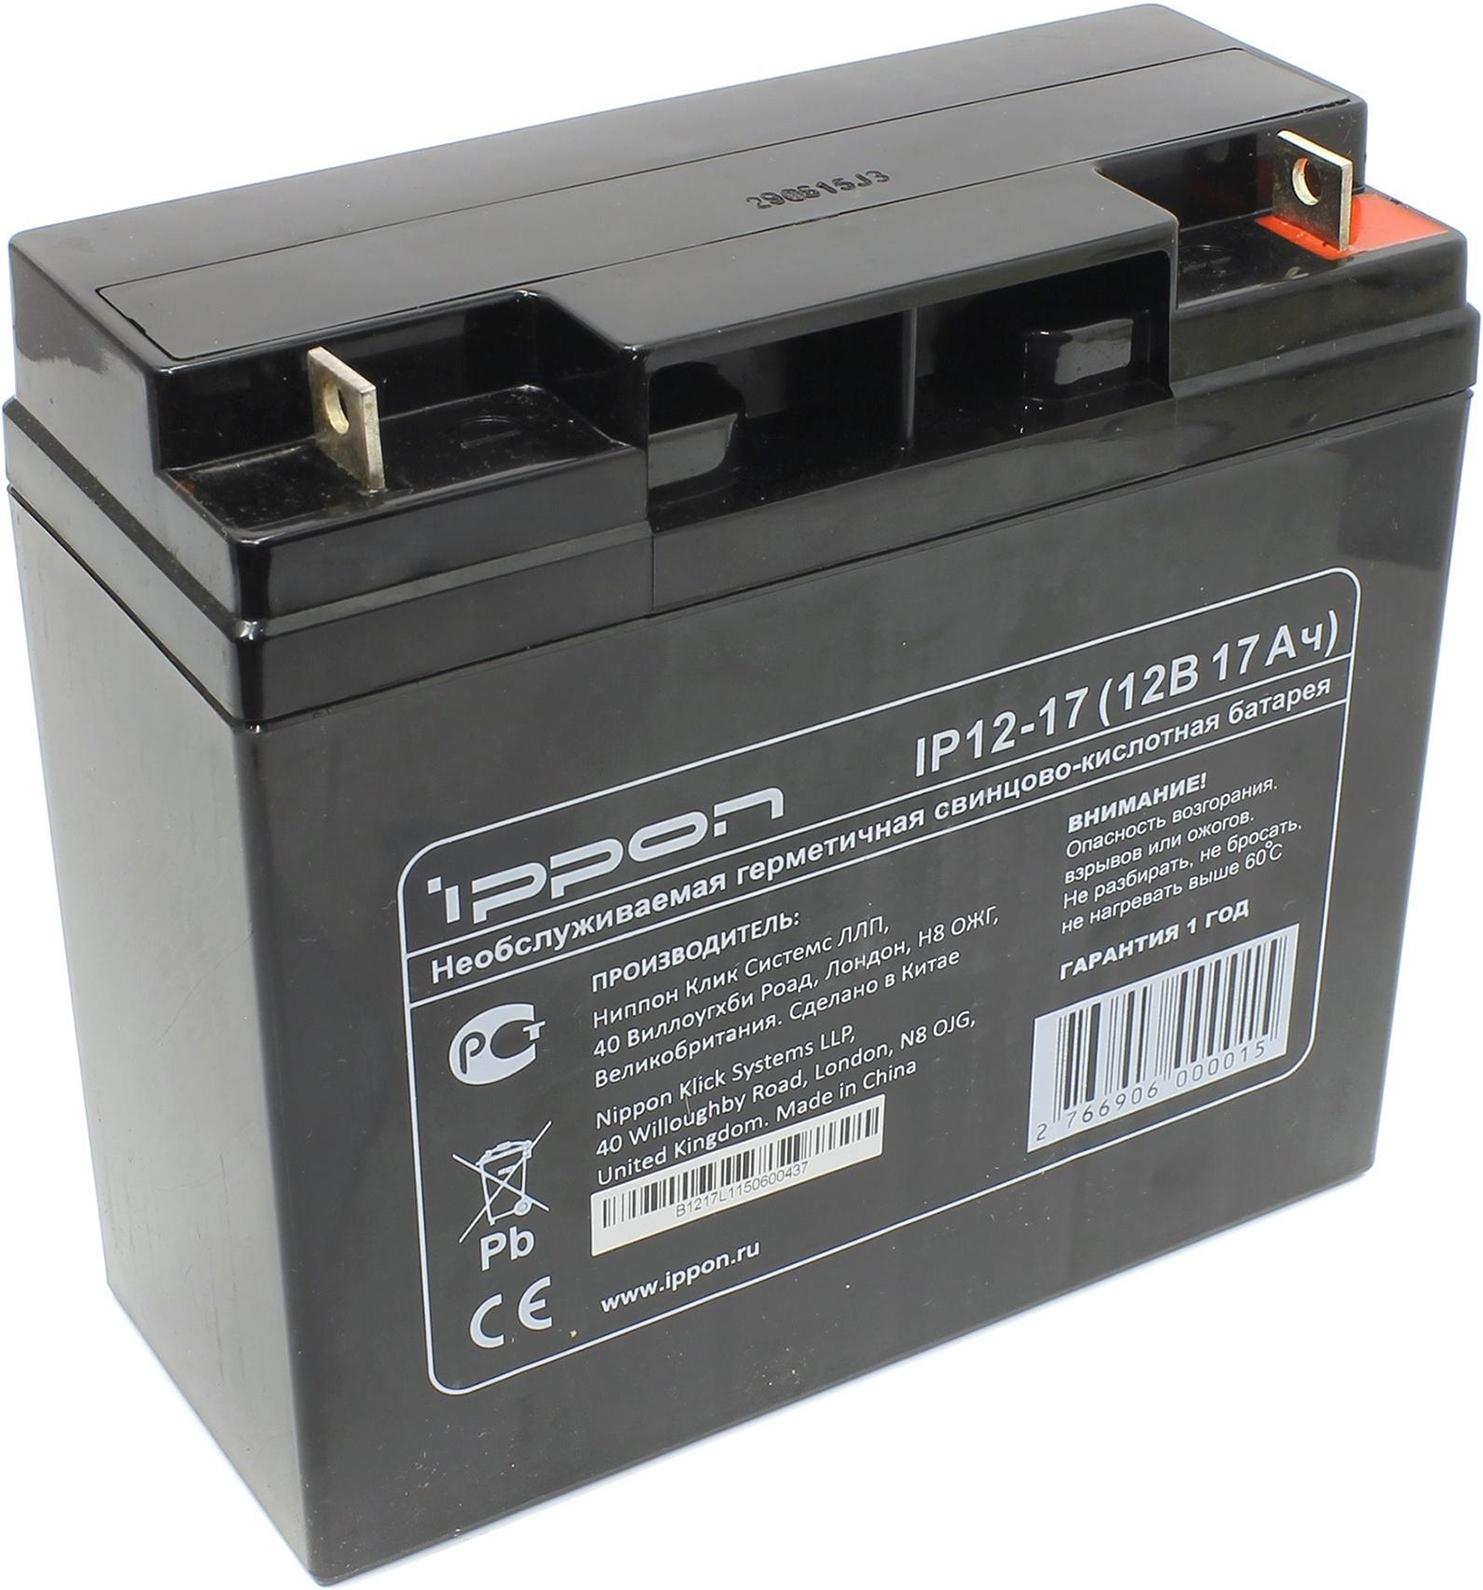 Батарея для ИБП Ippon IP12-17Ippon IP12-17Высокое качество и надежность – главные отличия аккумуляторных батарей IPPON. Они предназначены для обеспечения резервным питанием систем охраны и безопасности, телекоммуникационного оборудования, промышленных объектов широкого назначения, работы в источниках бесперебойного питания.